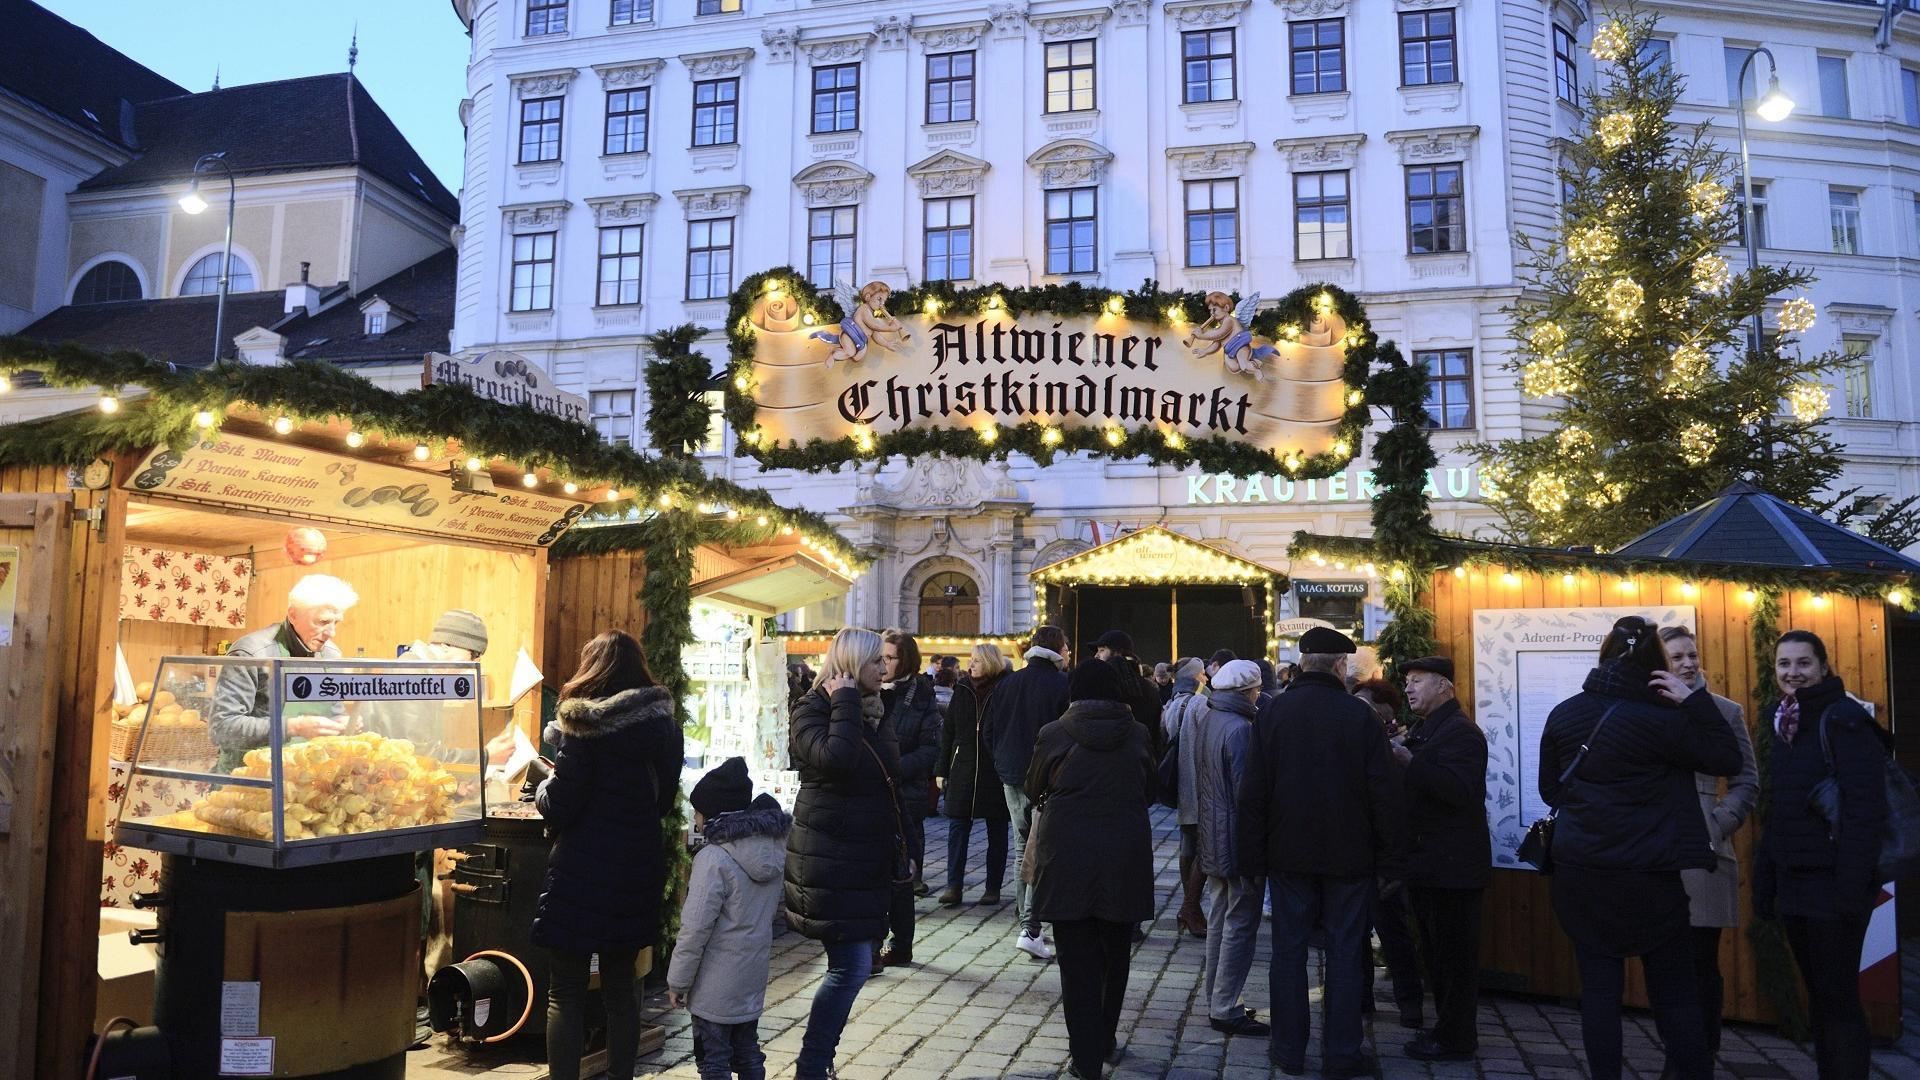 Altwiener Christkindlmarkt auf der Freyung in Wien